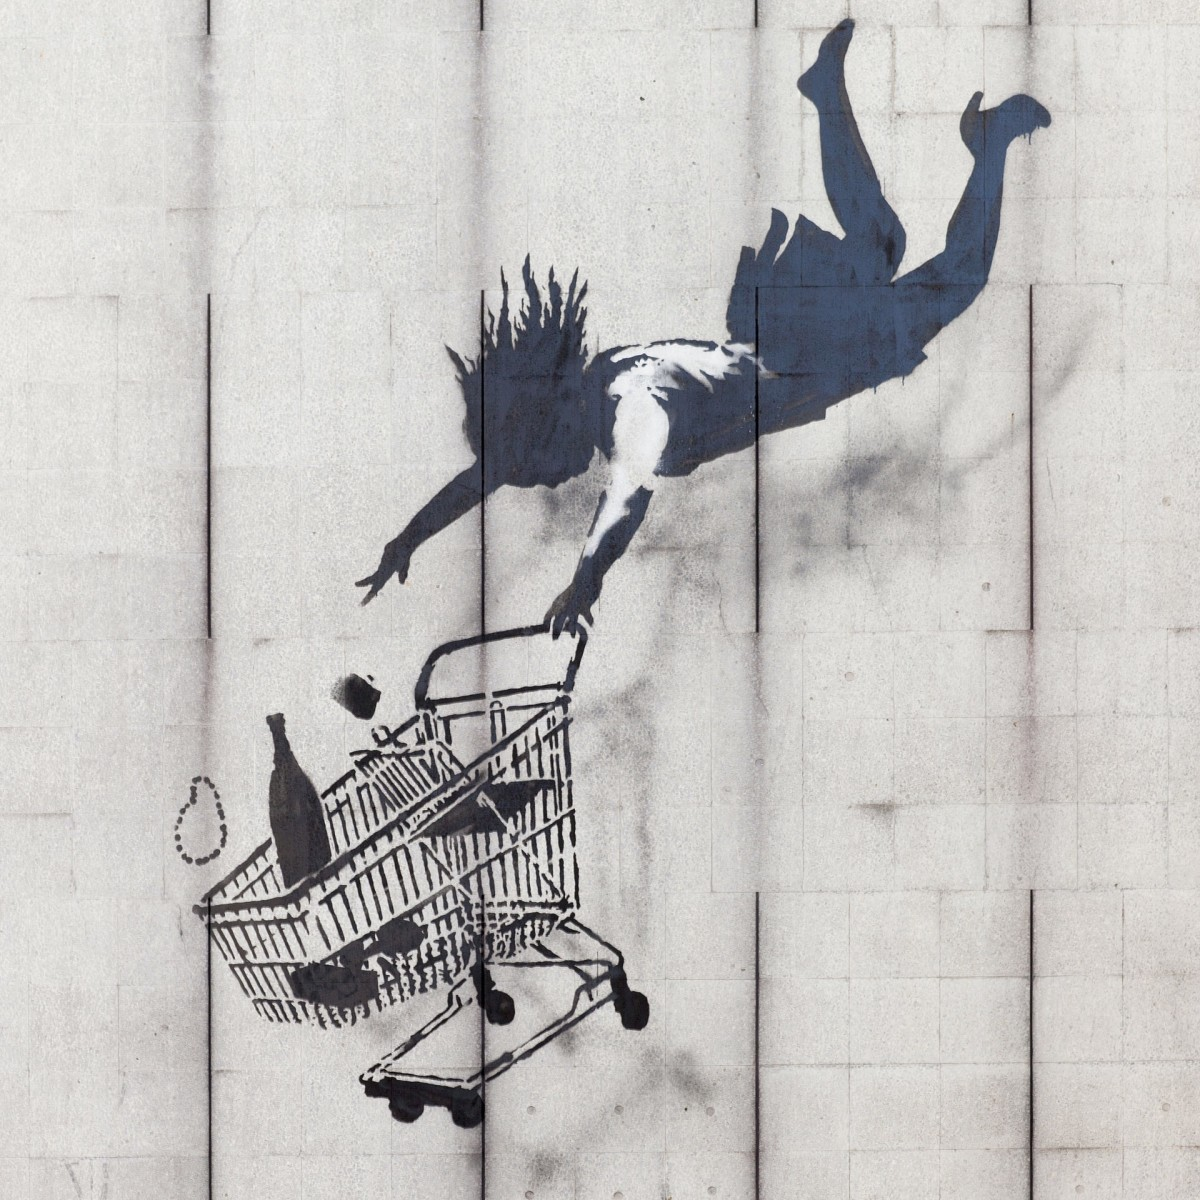 Shop Until You Drop, a Banksy stencil in London